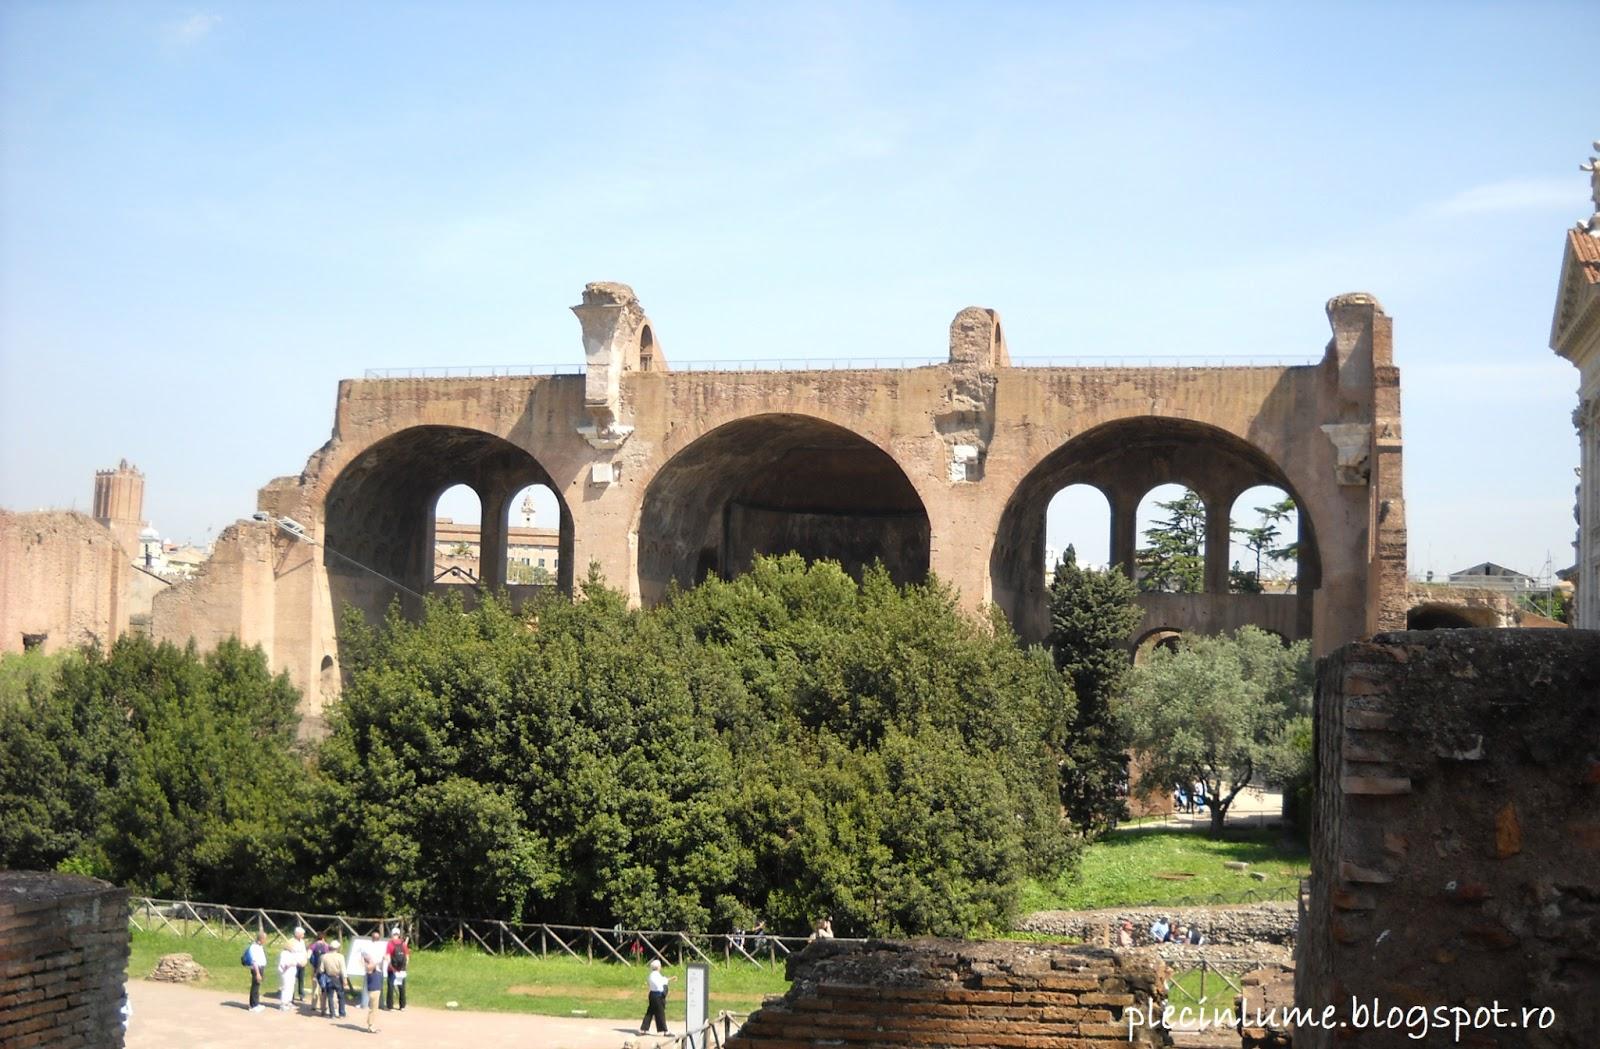 Foro romano basilica